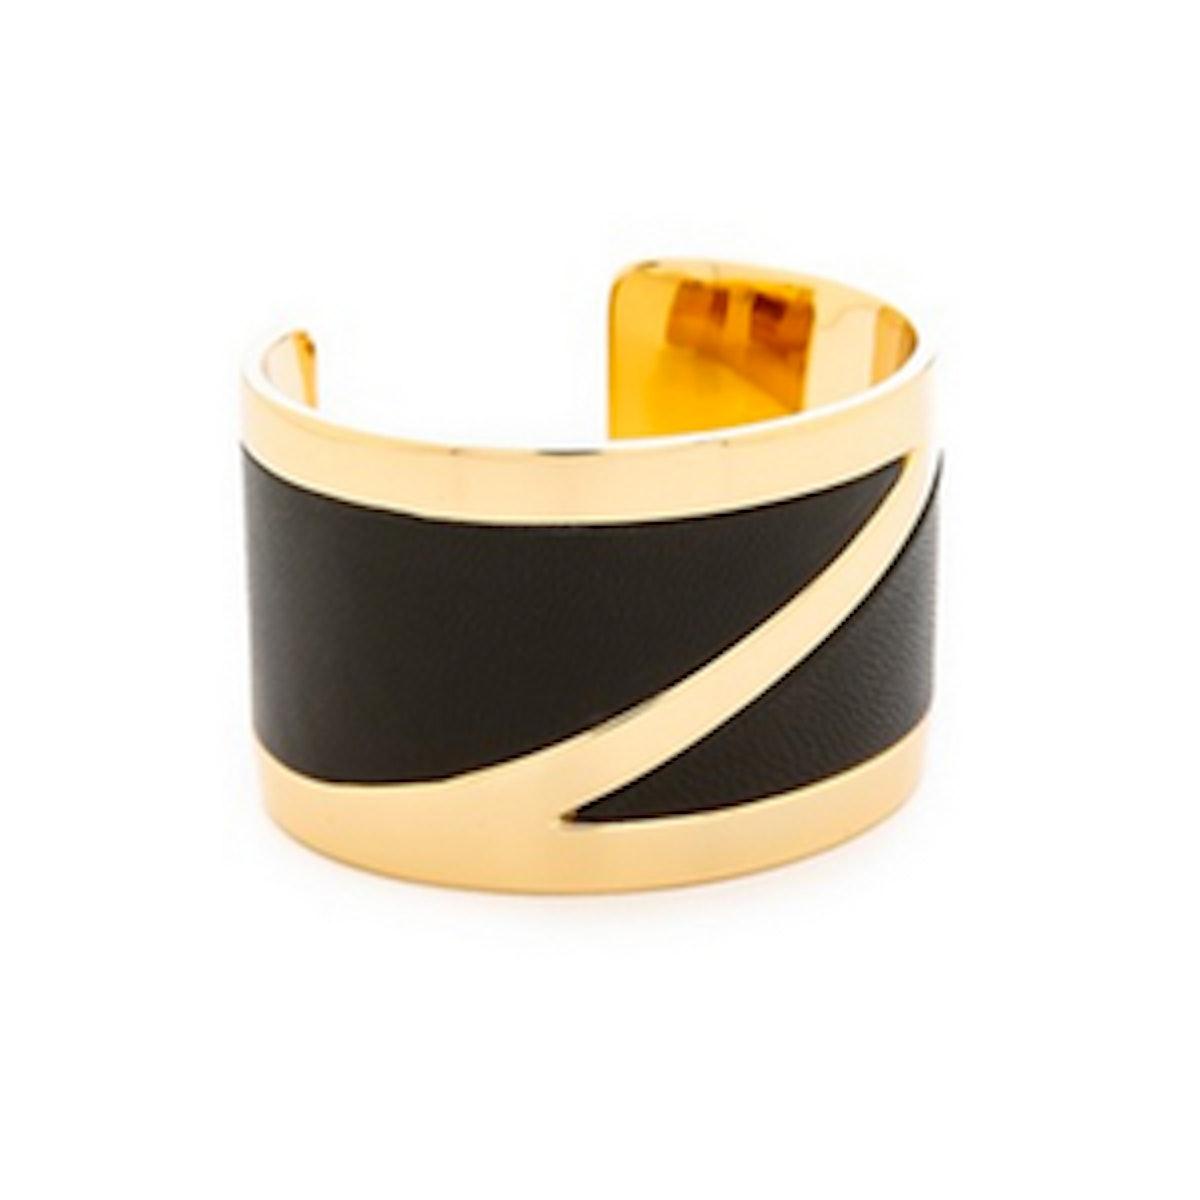 Eloise Leather Z Cuff Bracelet